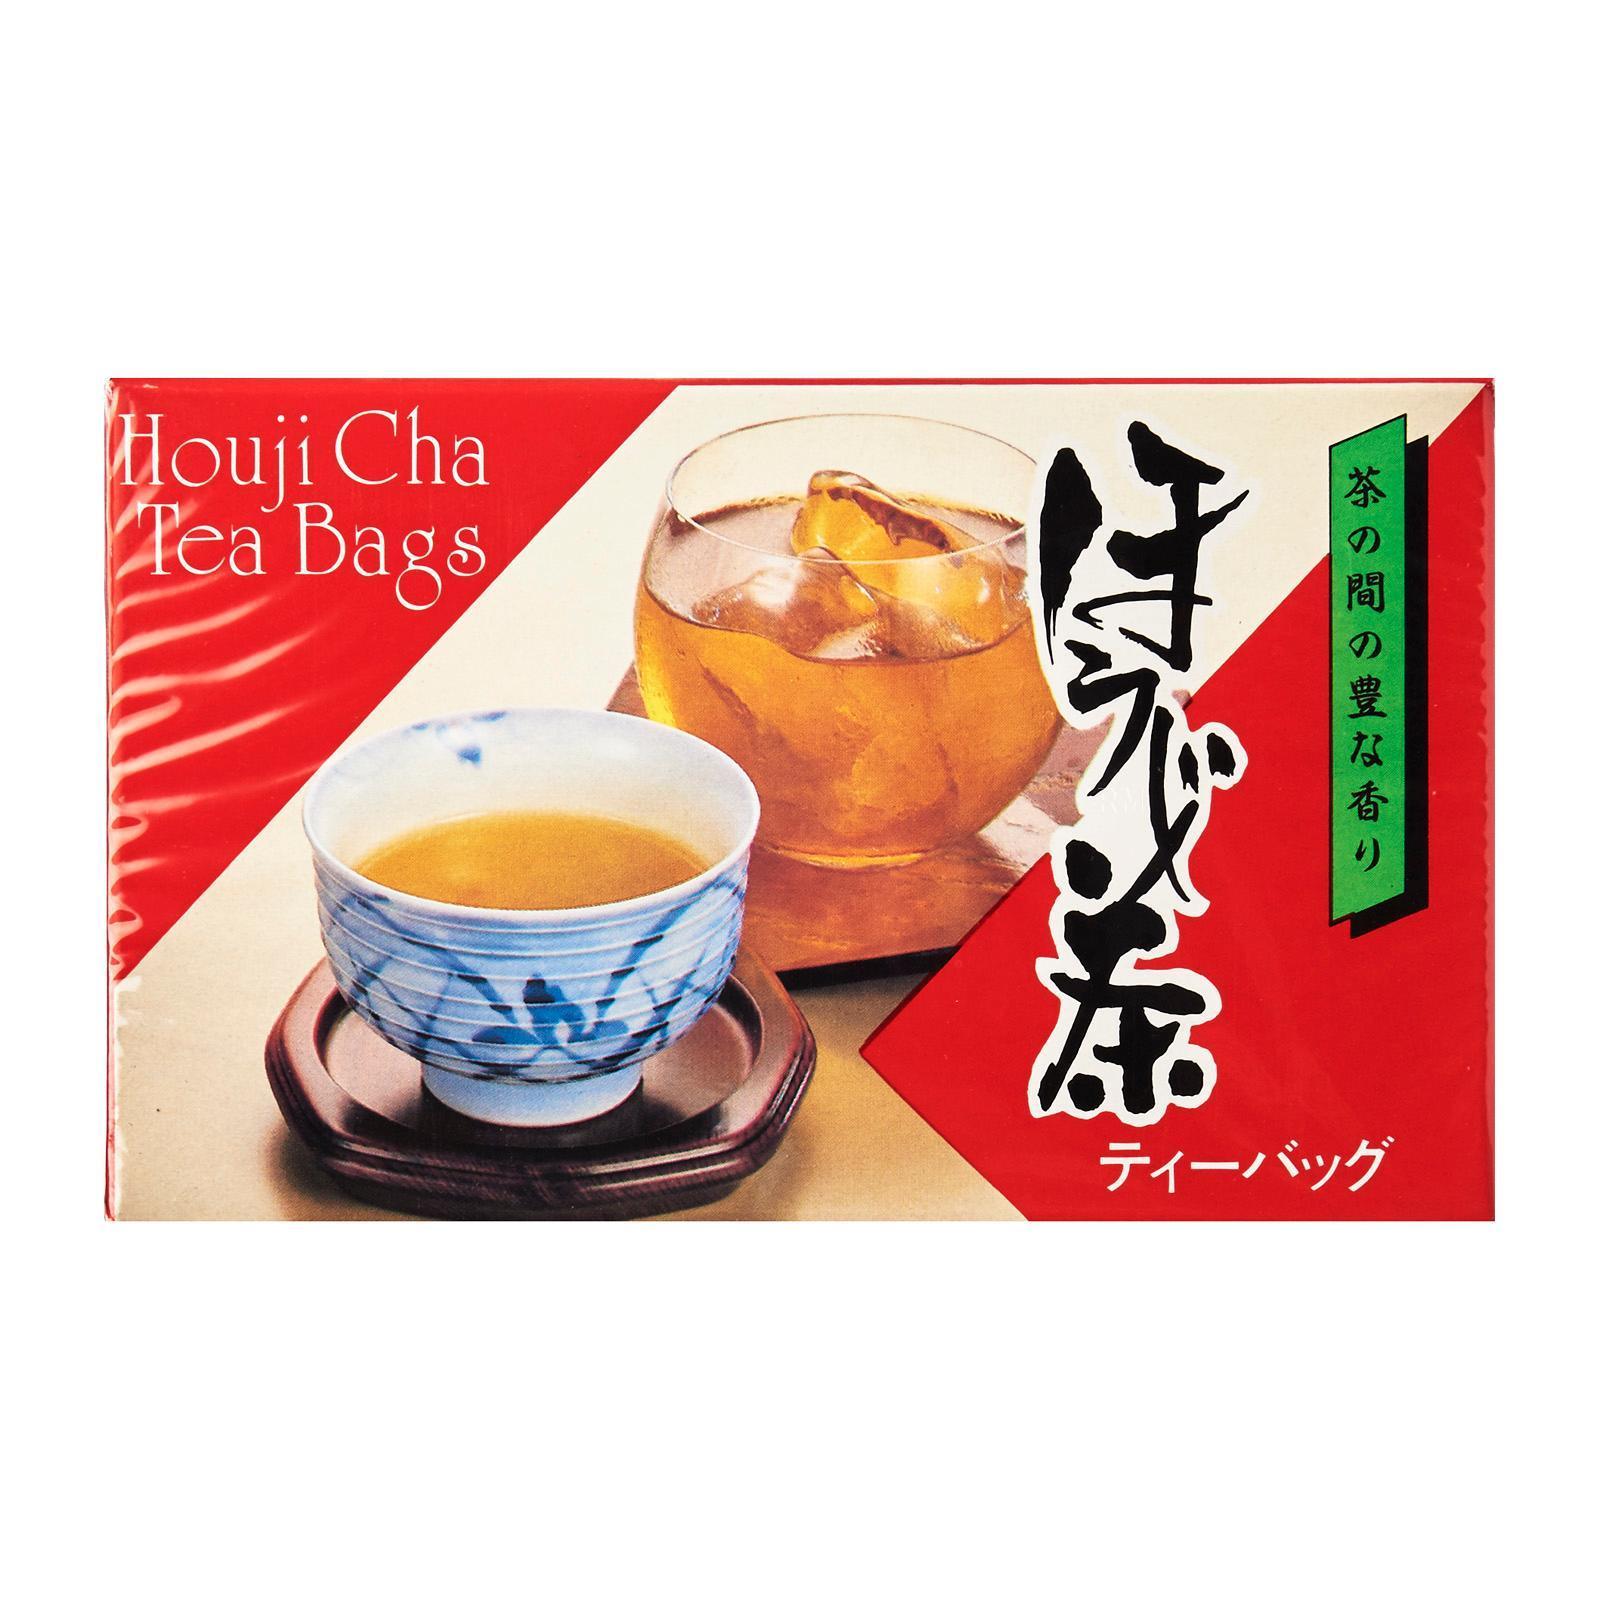 Yamamotoyama Hojicha Tea Bag - Kirei